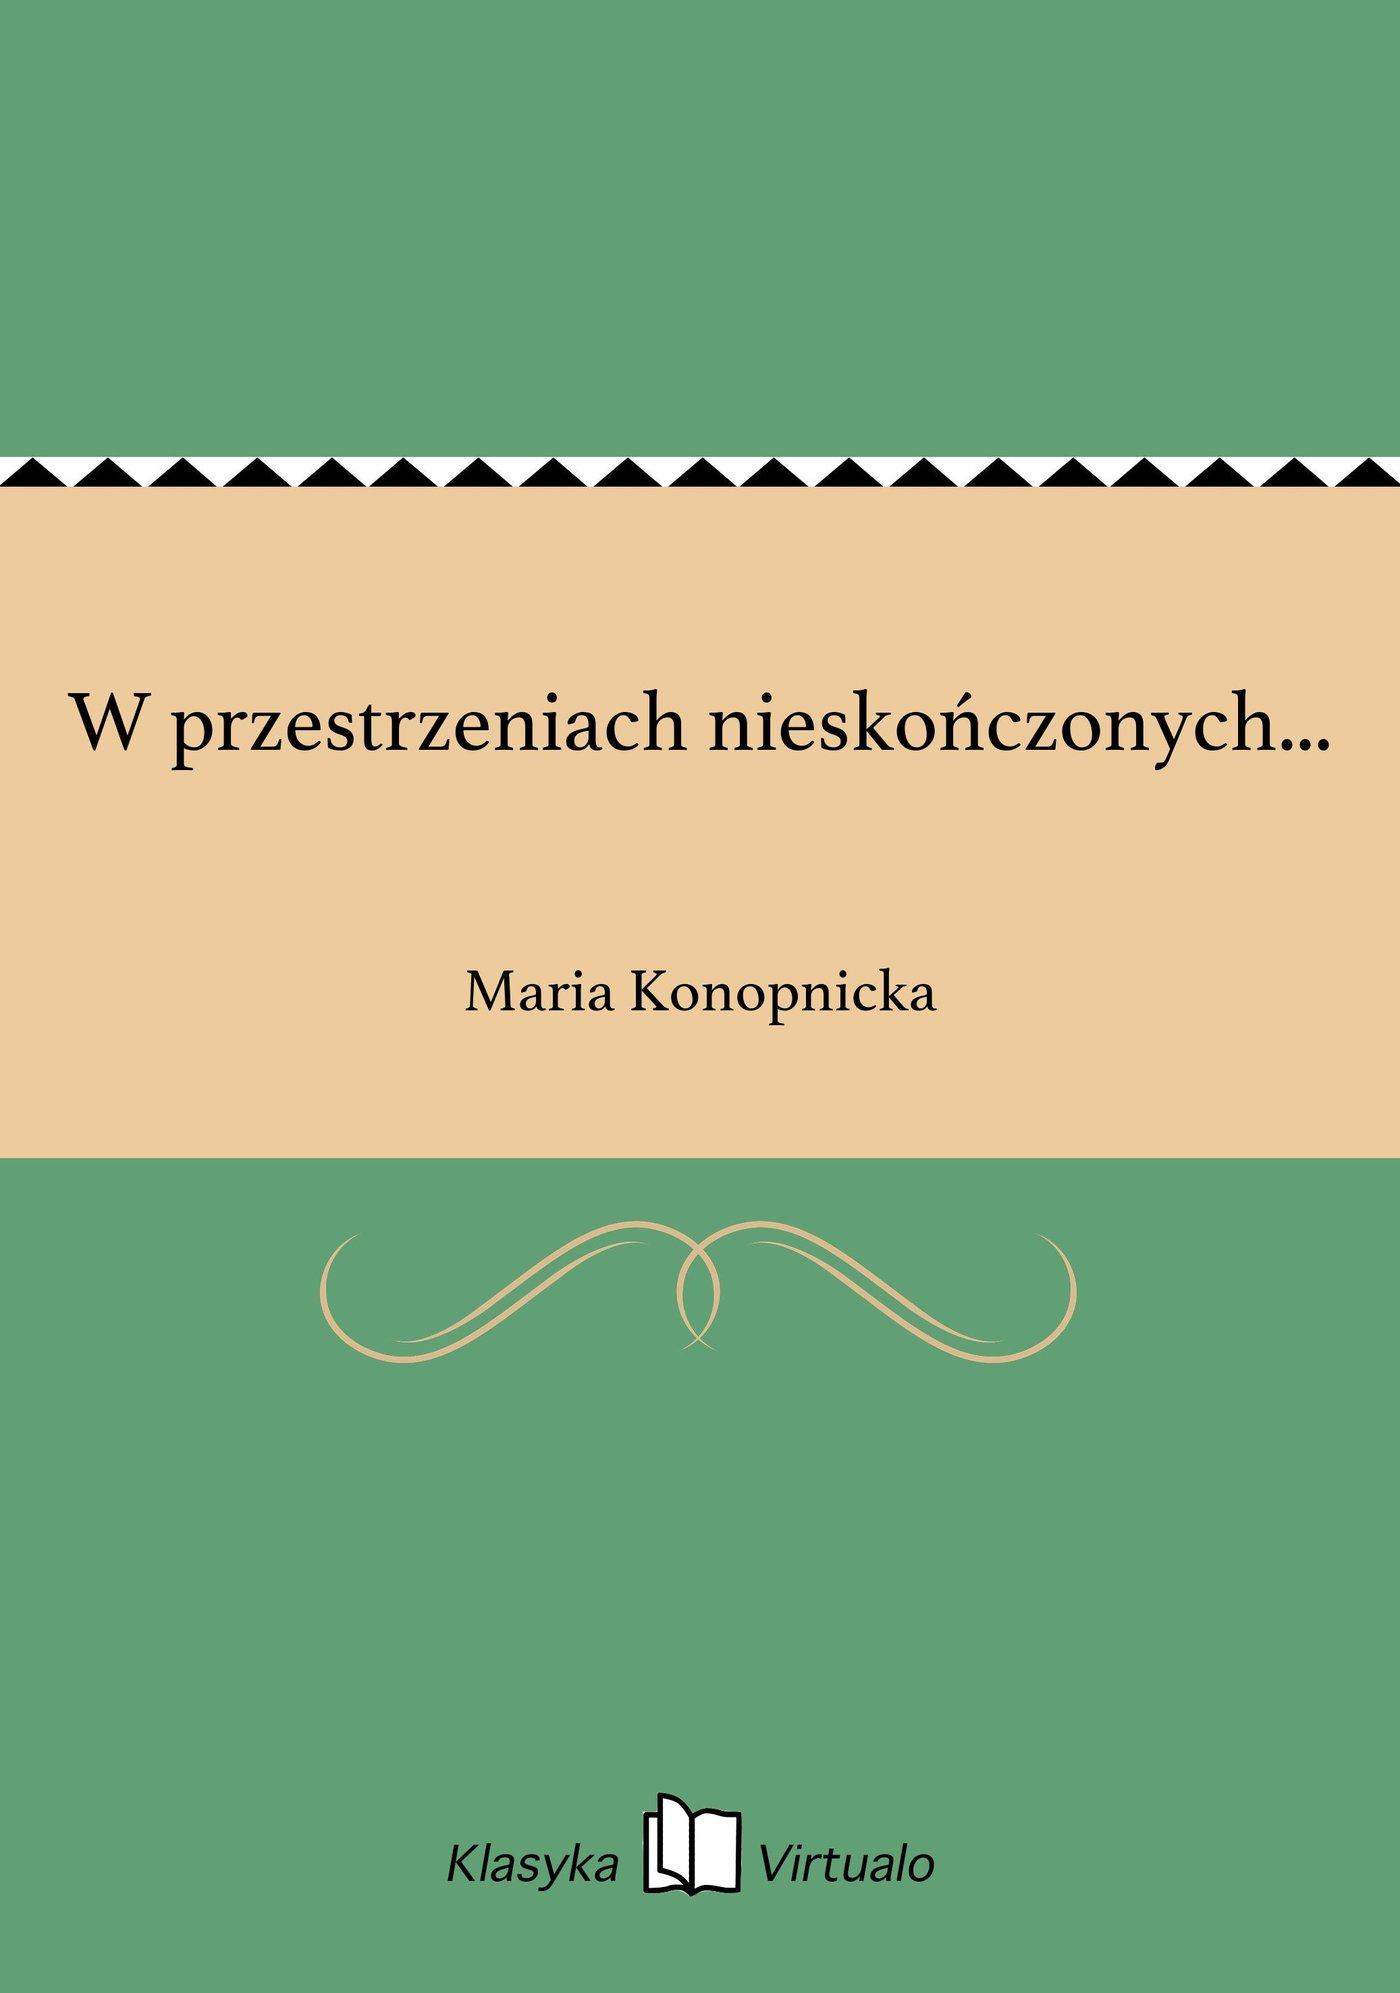 W przestrzeniach nieskończonych... - Ebook (Książka na Kindle) do pobrania w formacie MOBI